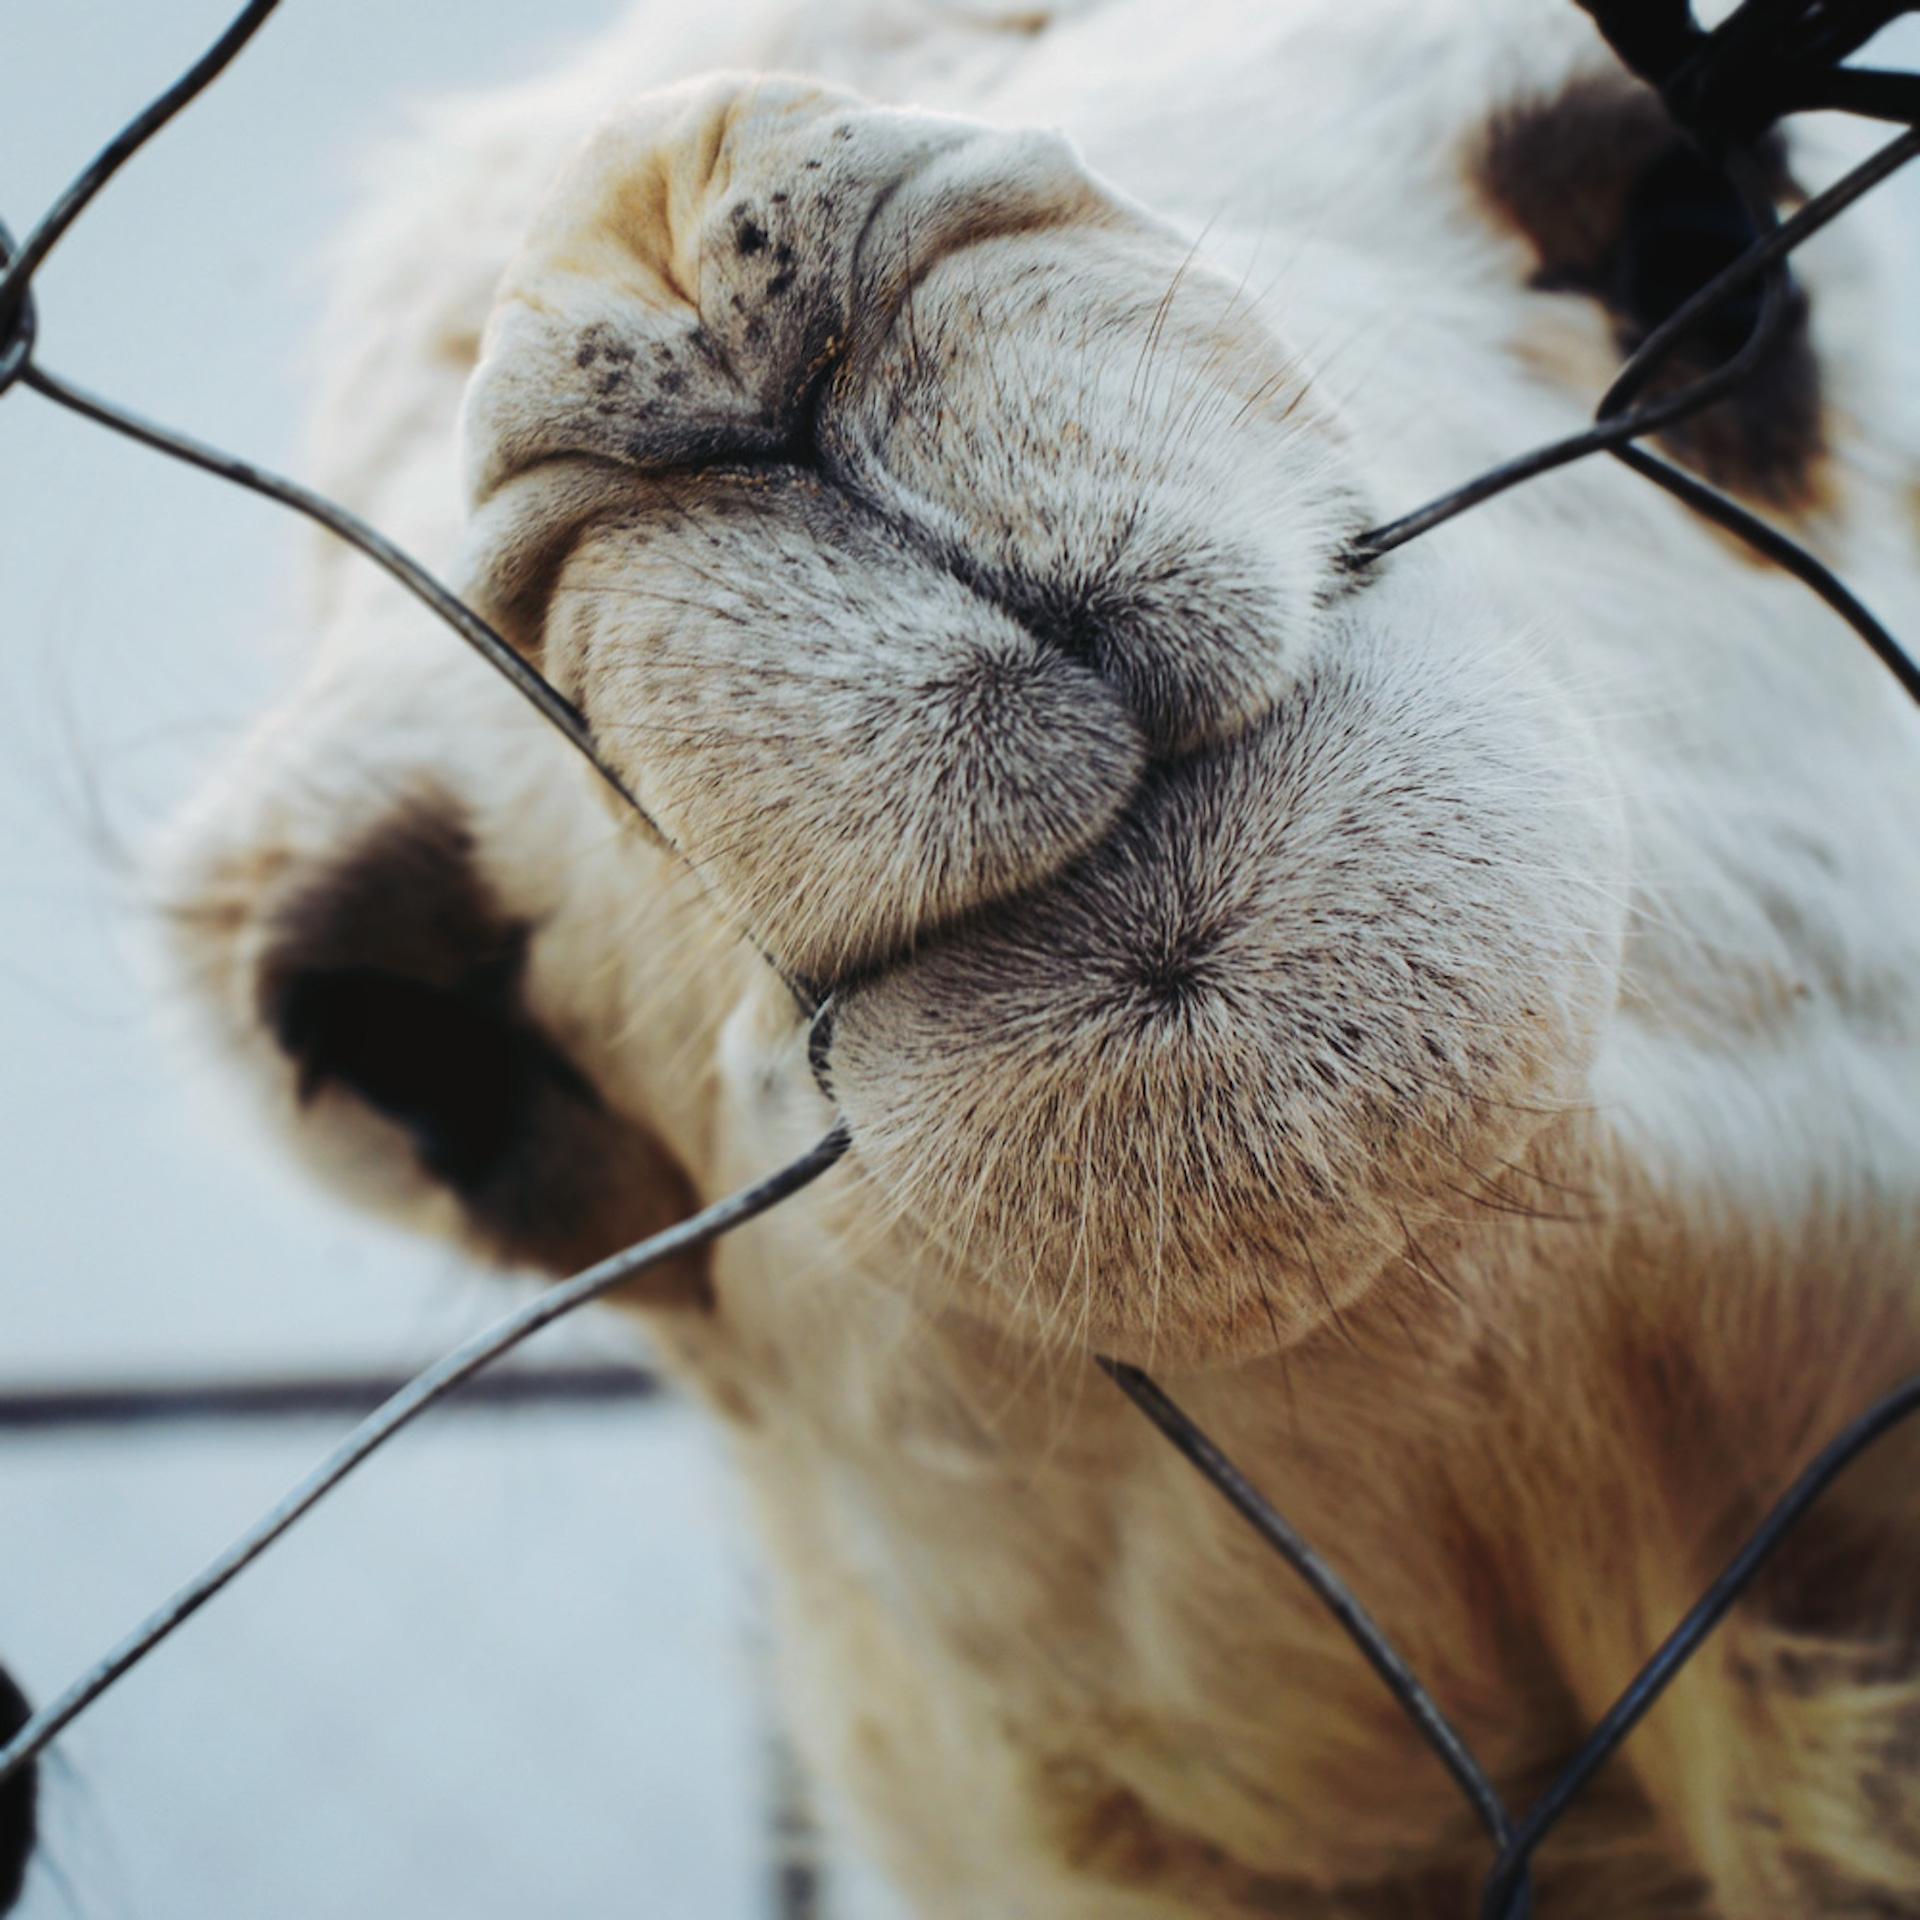 Верблюд, рот, забор, Укус, Снэк - Обои HD - Профессор falken.com